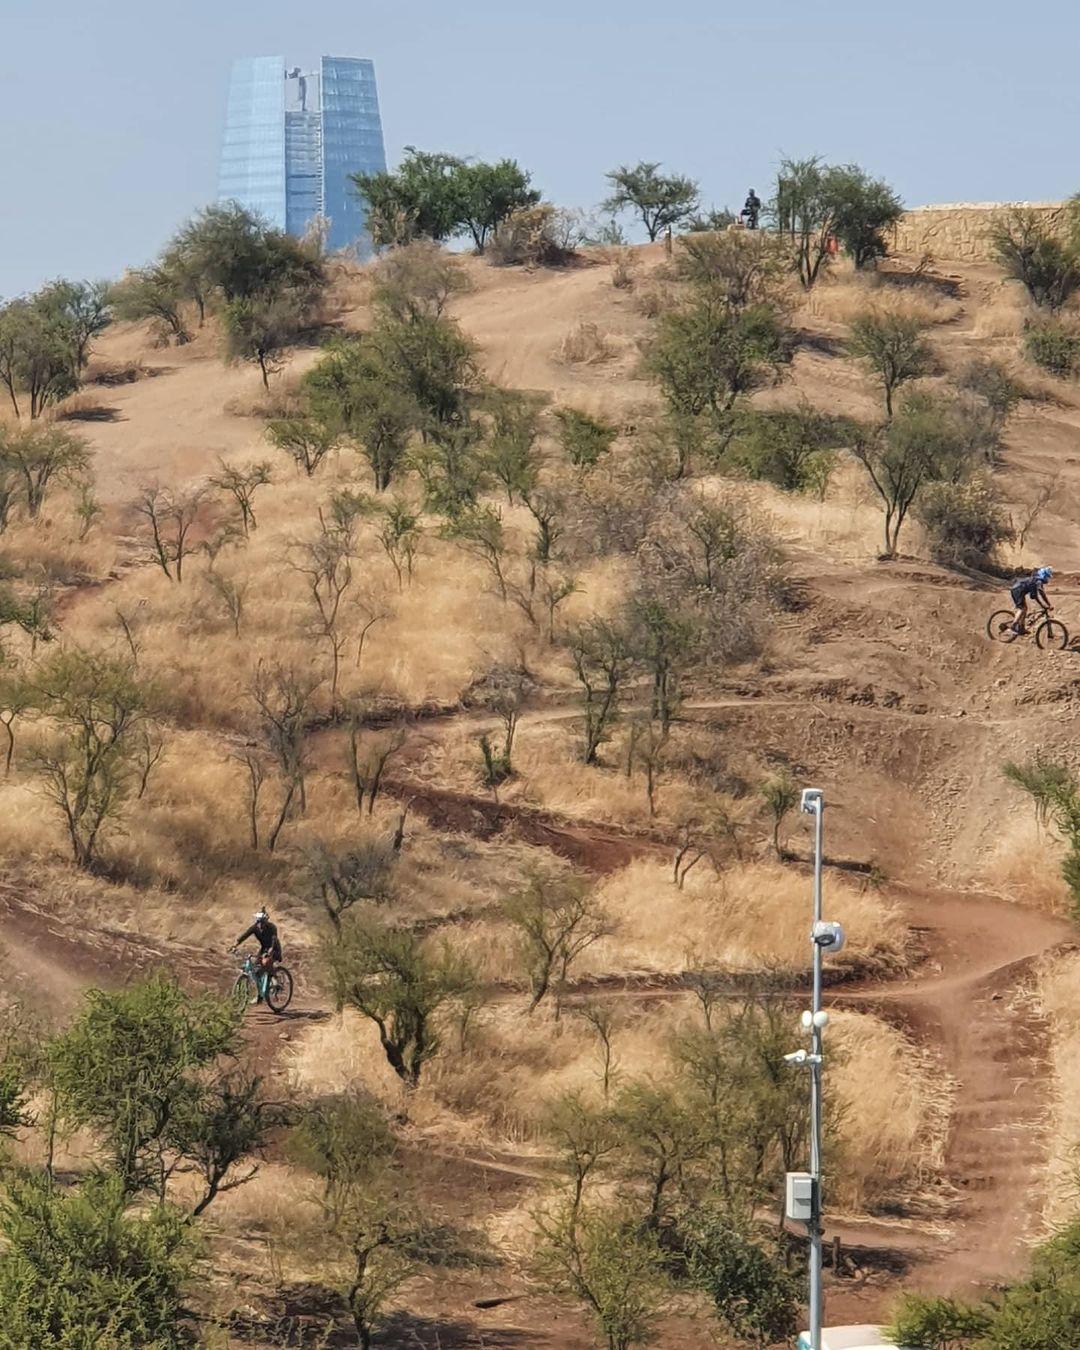 Ciclistas bajando por senderos off road en el Parque Metropolitano